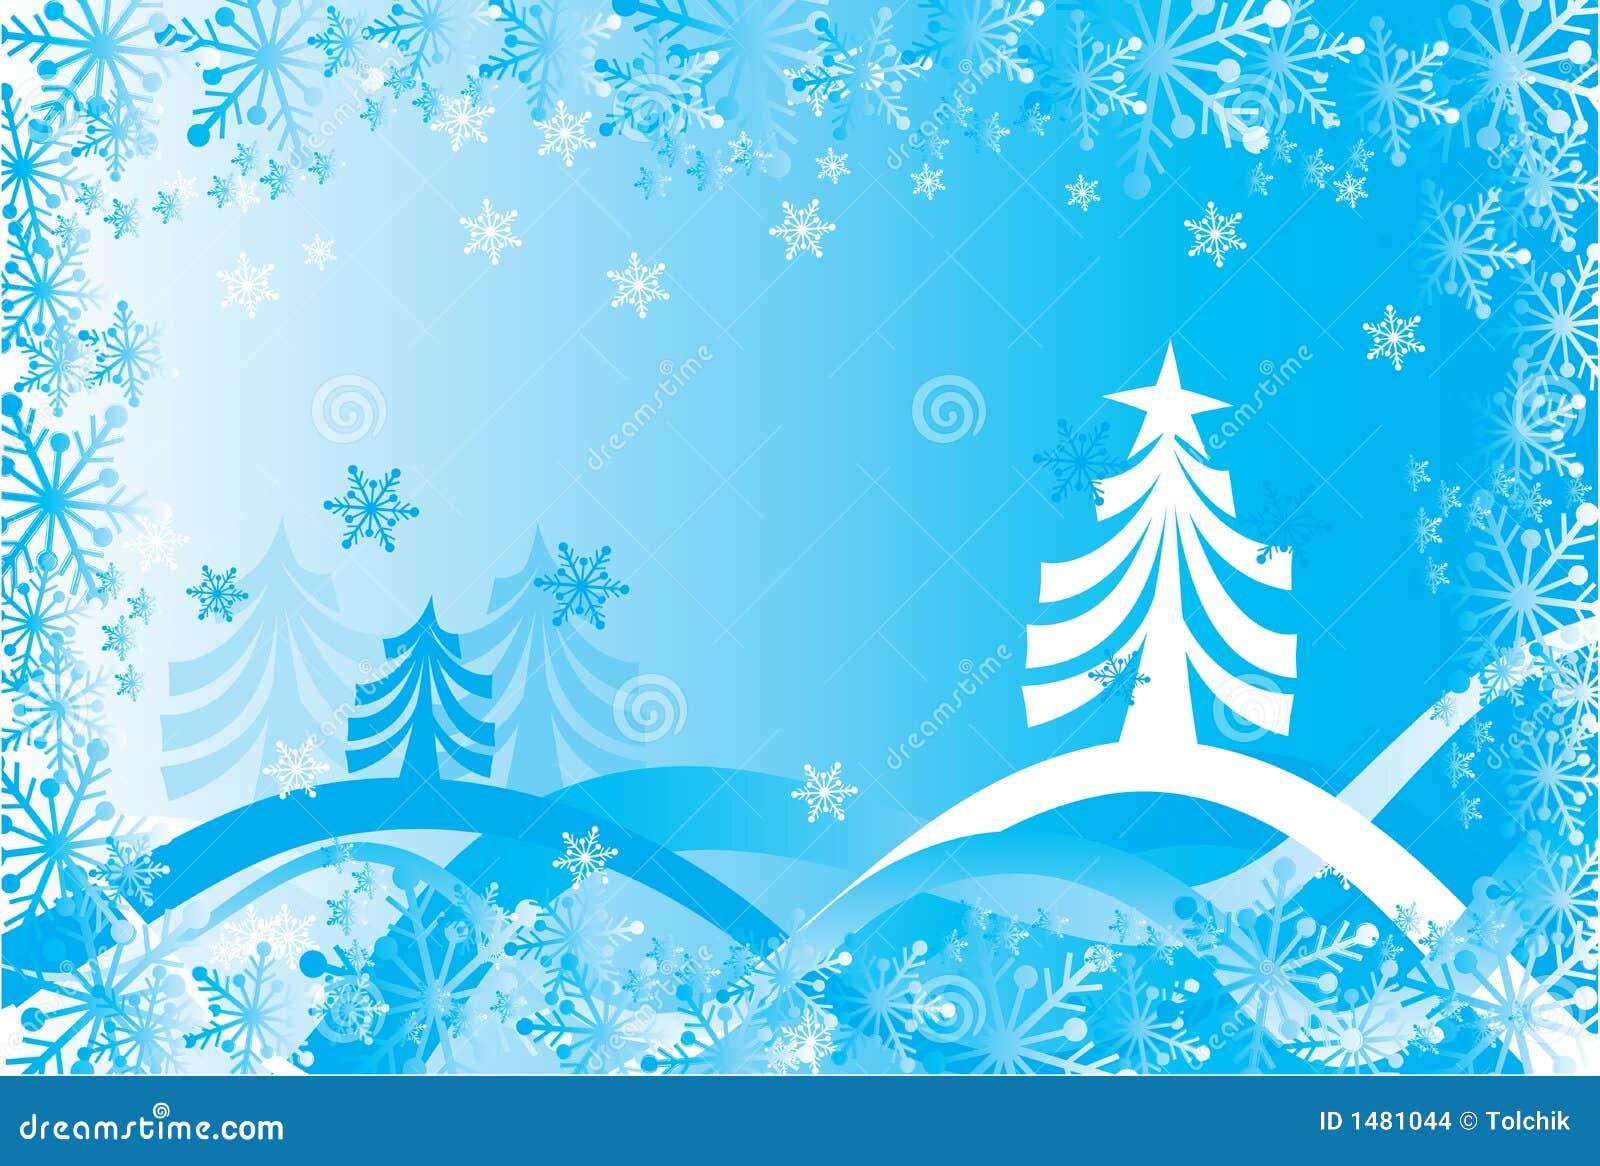 Fondo De La Navidad Copos Nieve Vector Charlie Brown Christmas